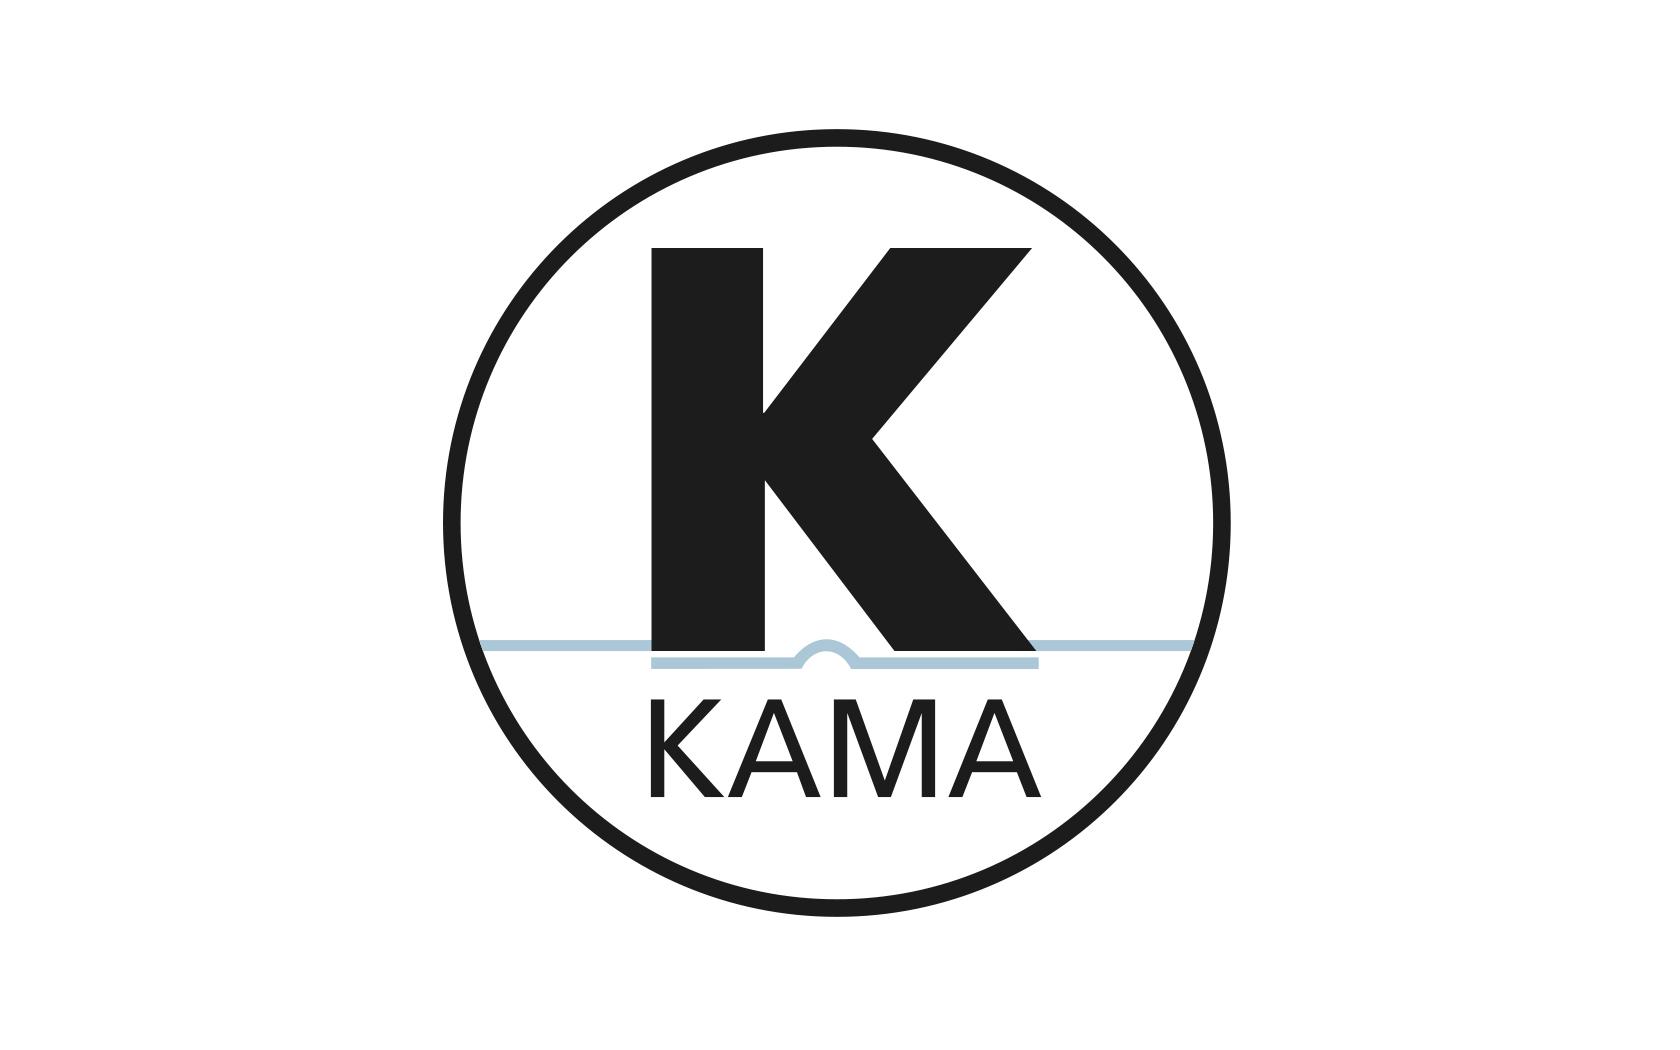 KAMA EUROPE Logo photo - 1